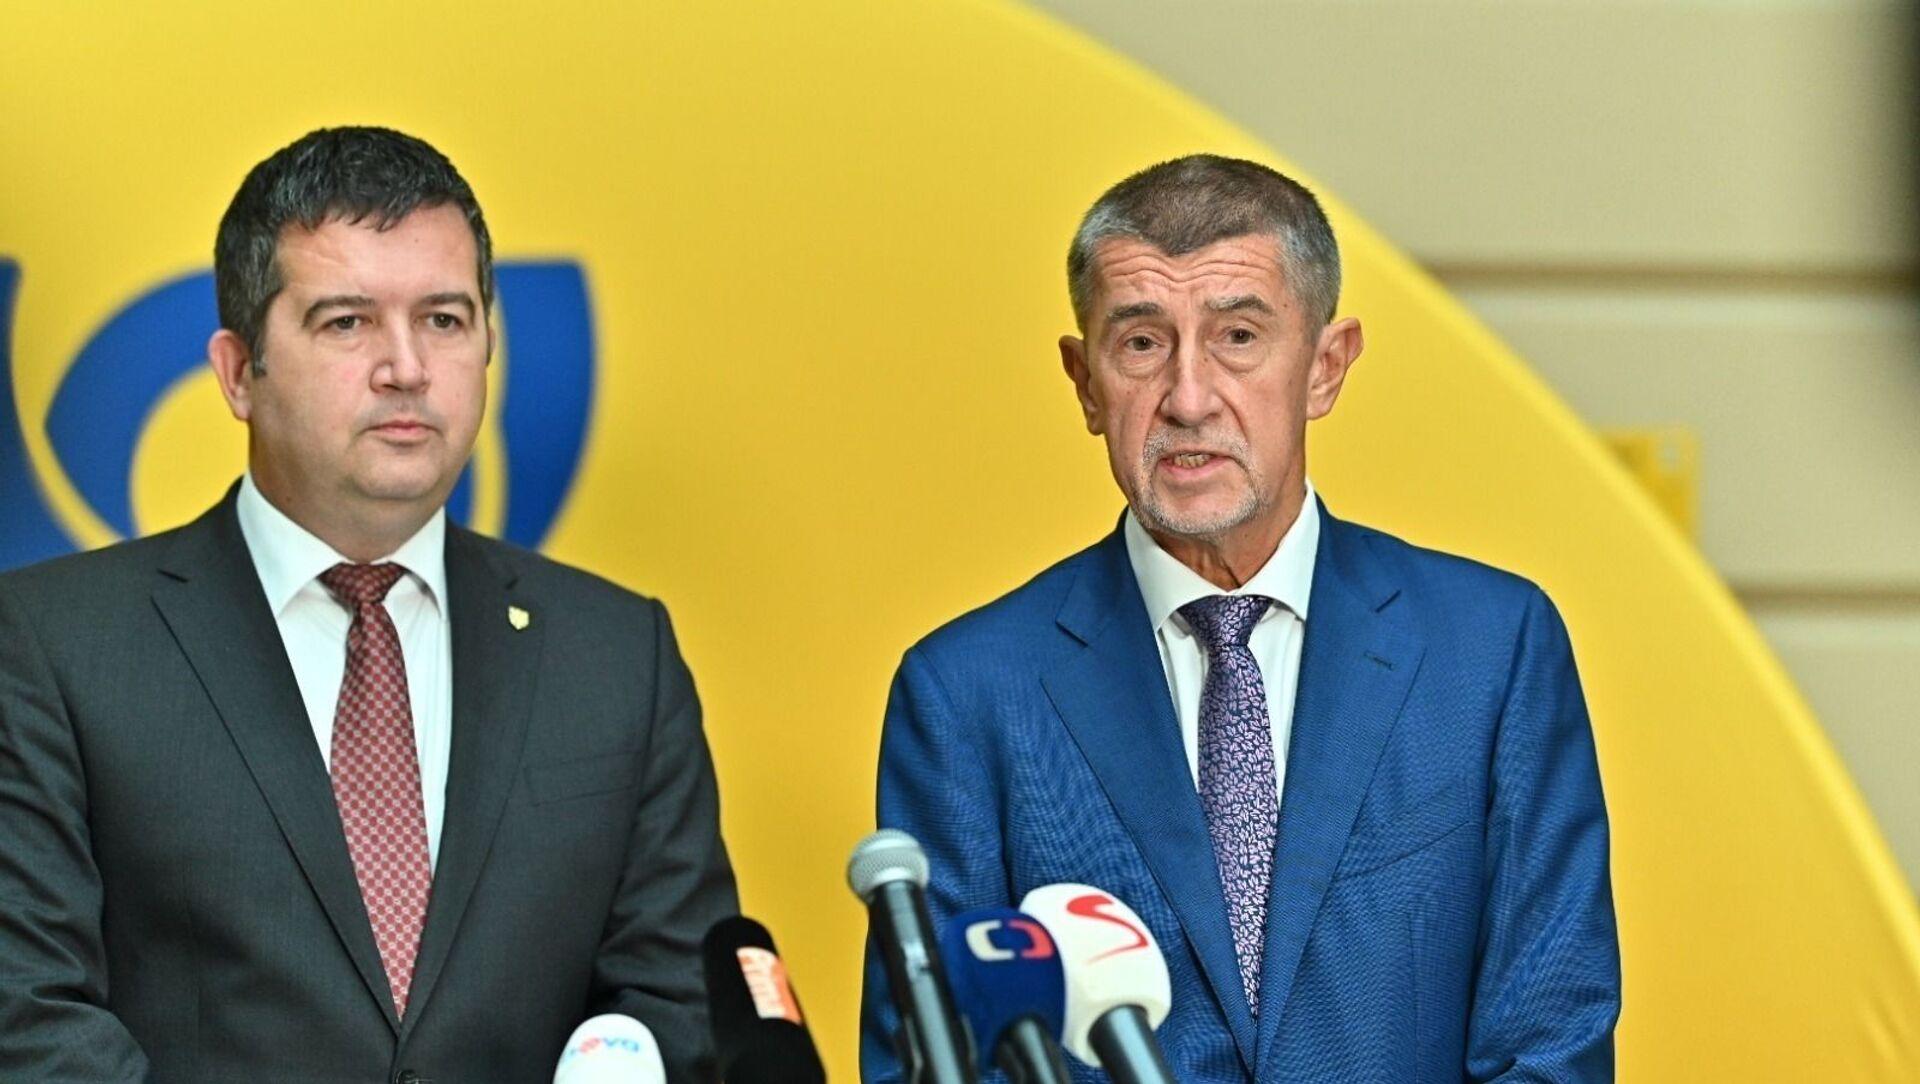 Jan Hamáček a Andrej Babiš - Sputnik Česká republika, 1920, 26.02.2021